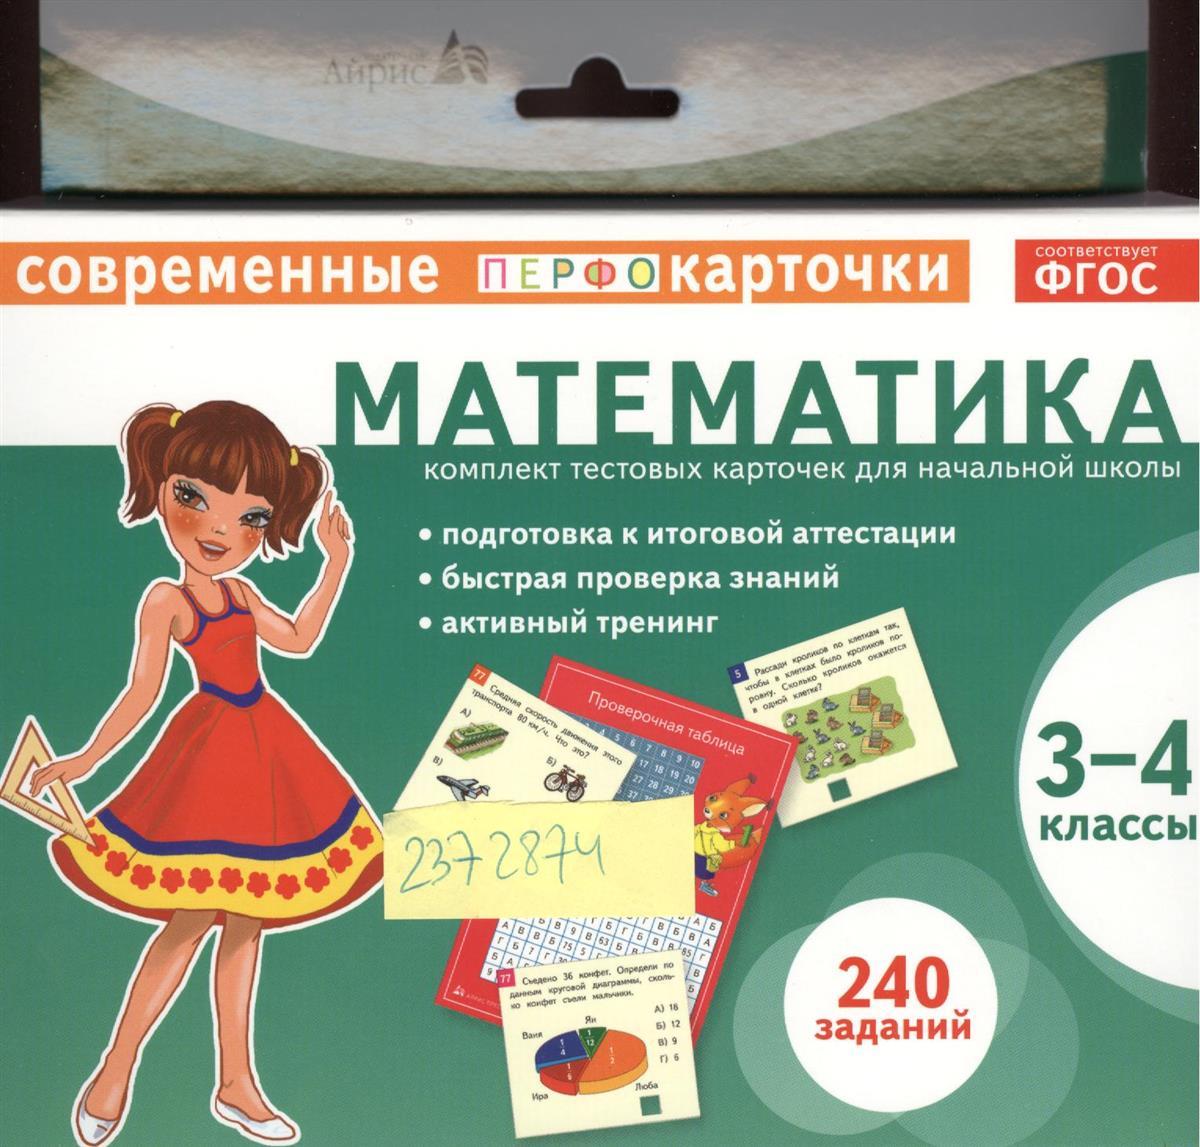 Куликова Е. Математика. 3-4 классы. Комлект тестовых карточек для начальной школы